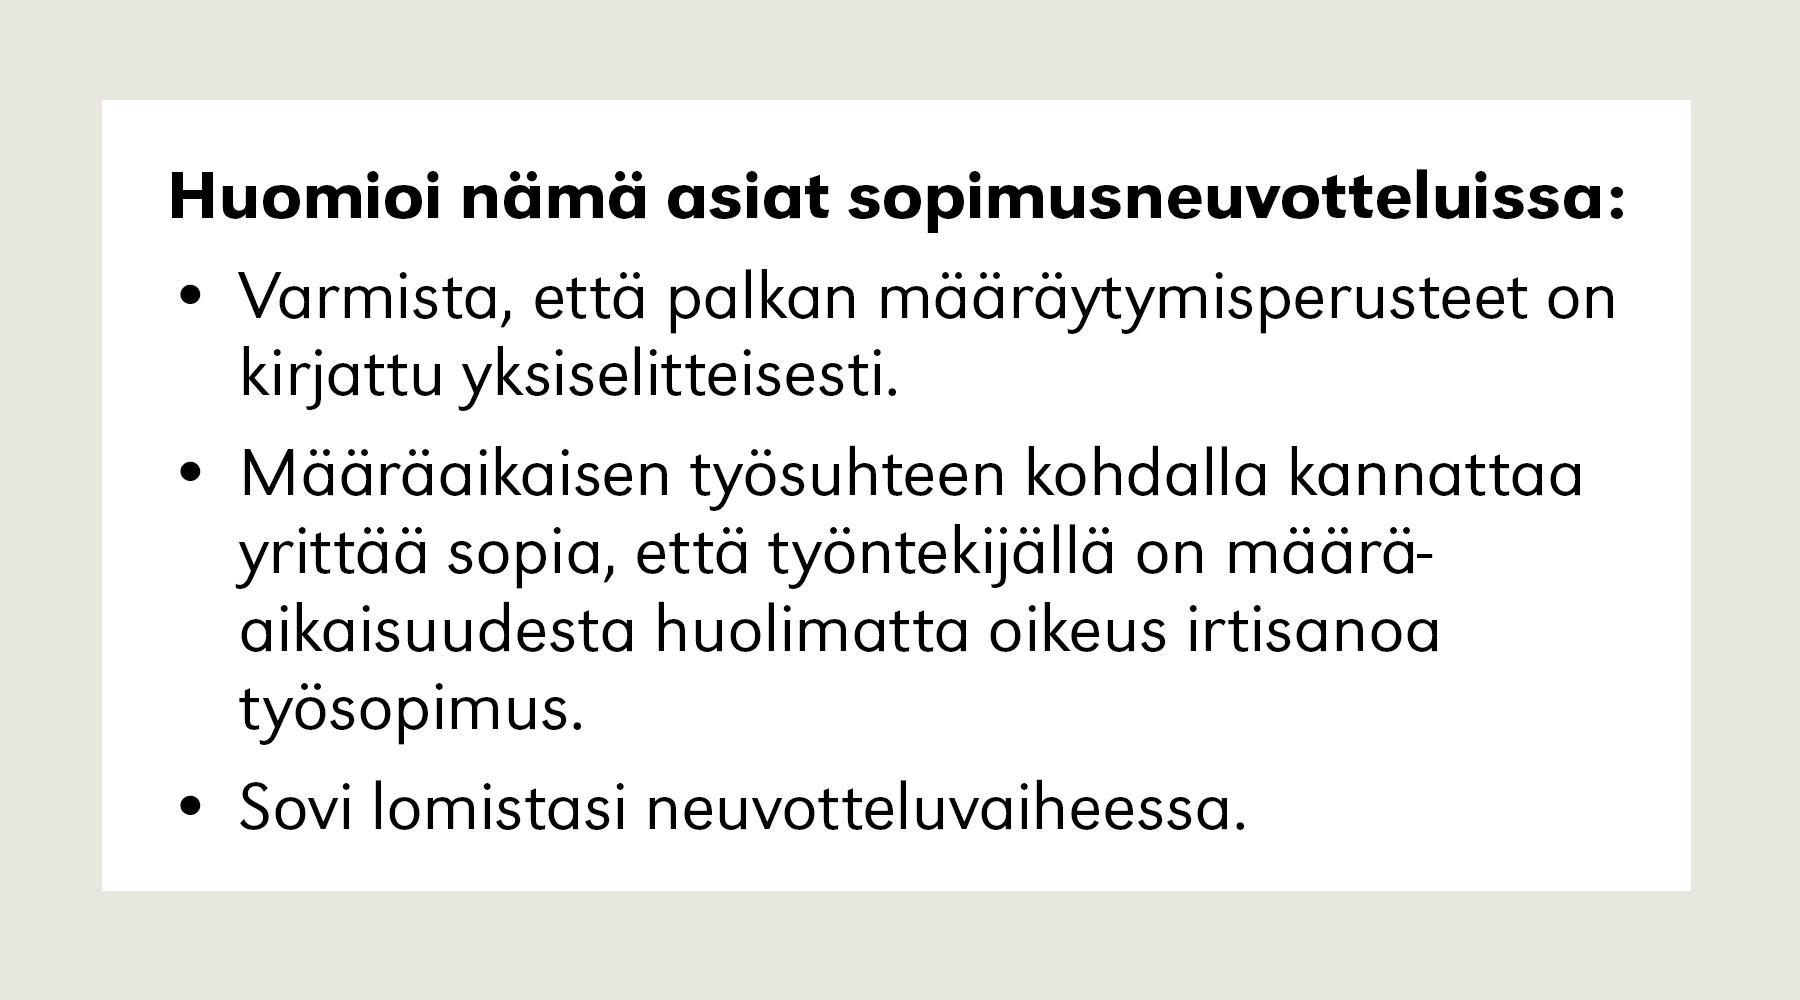 Loma-Ajan Palkka